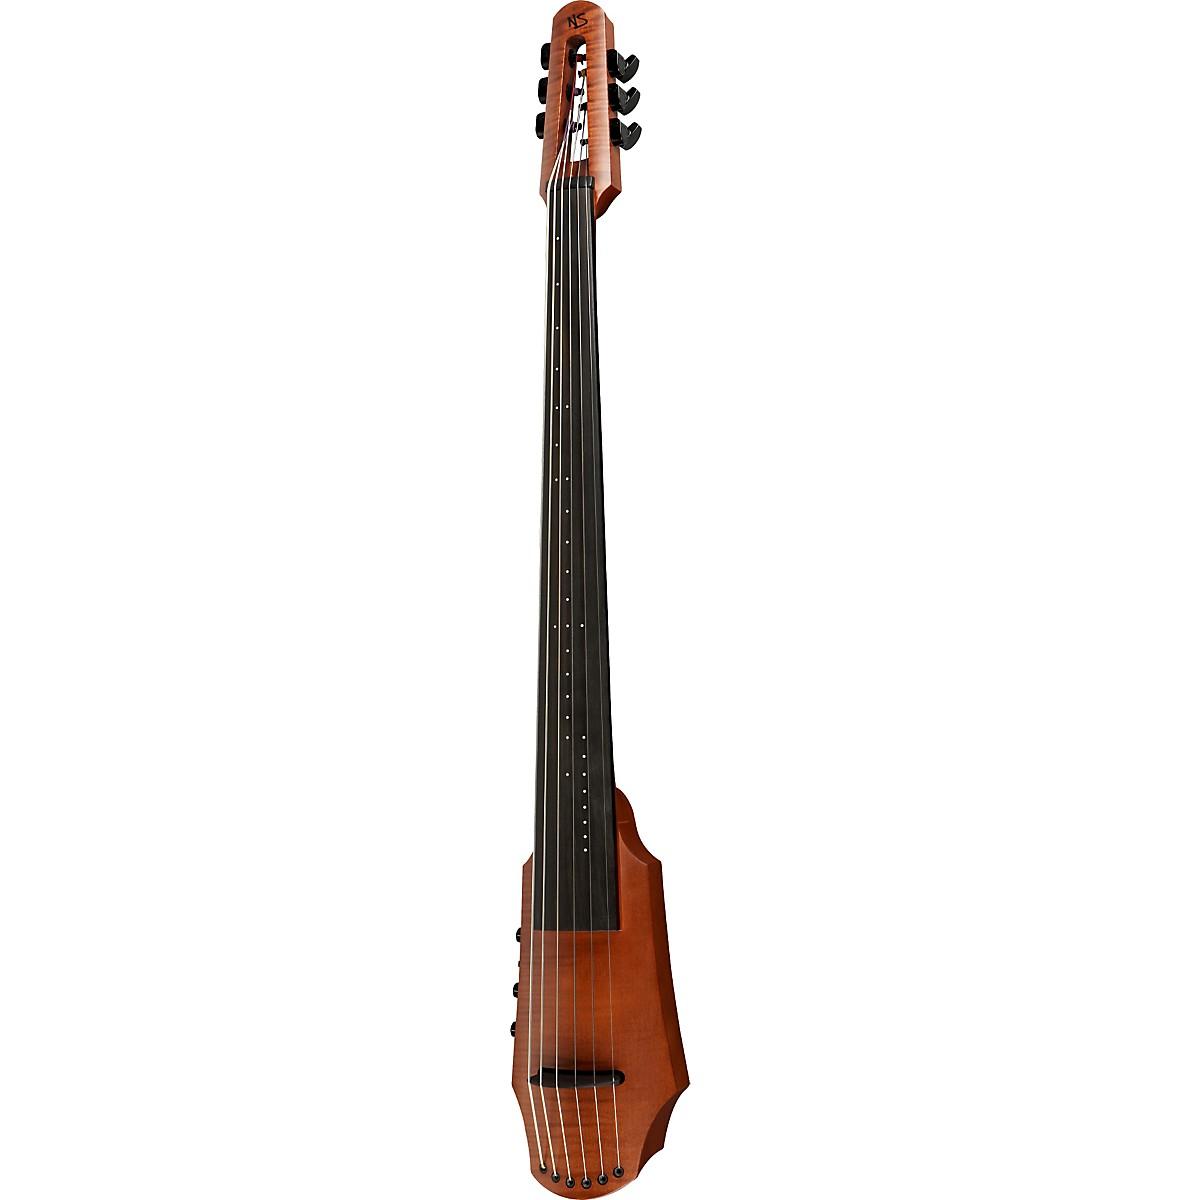 NS Design CR Series Electric Cello